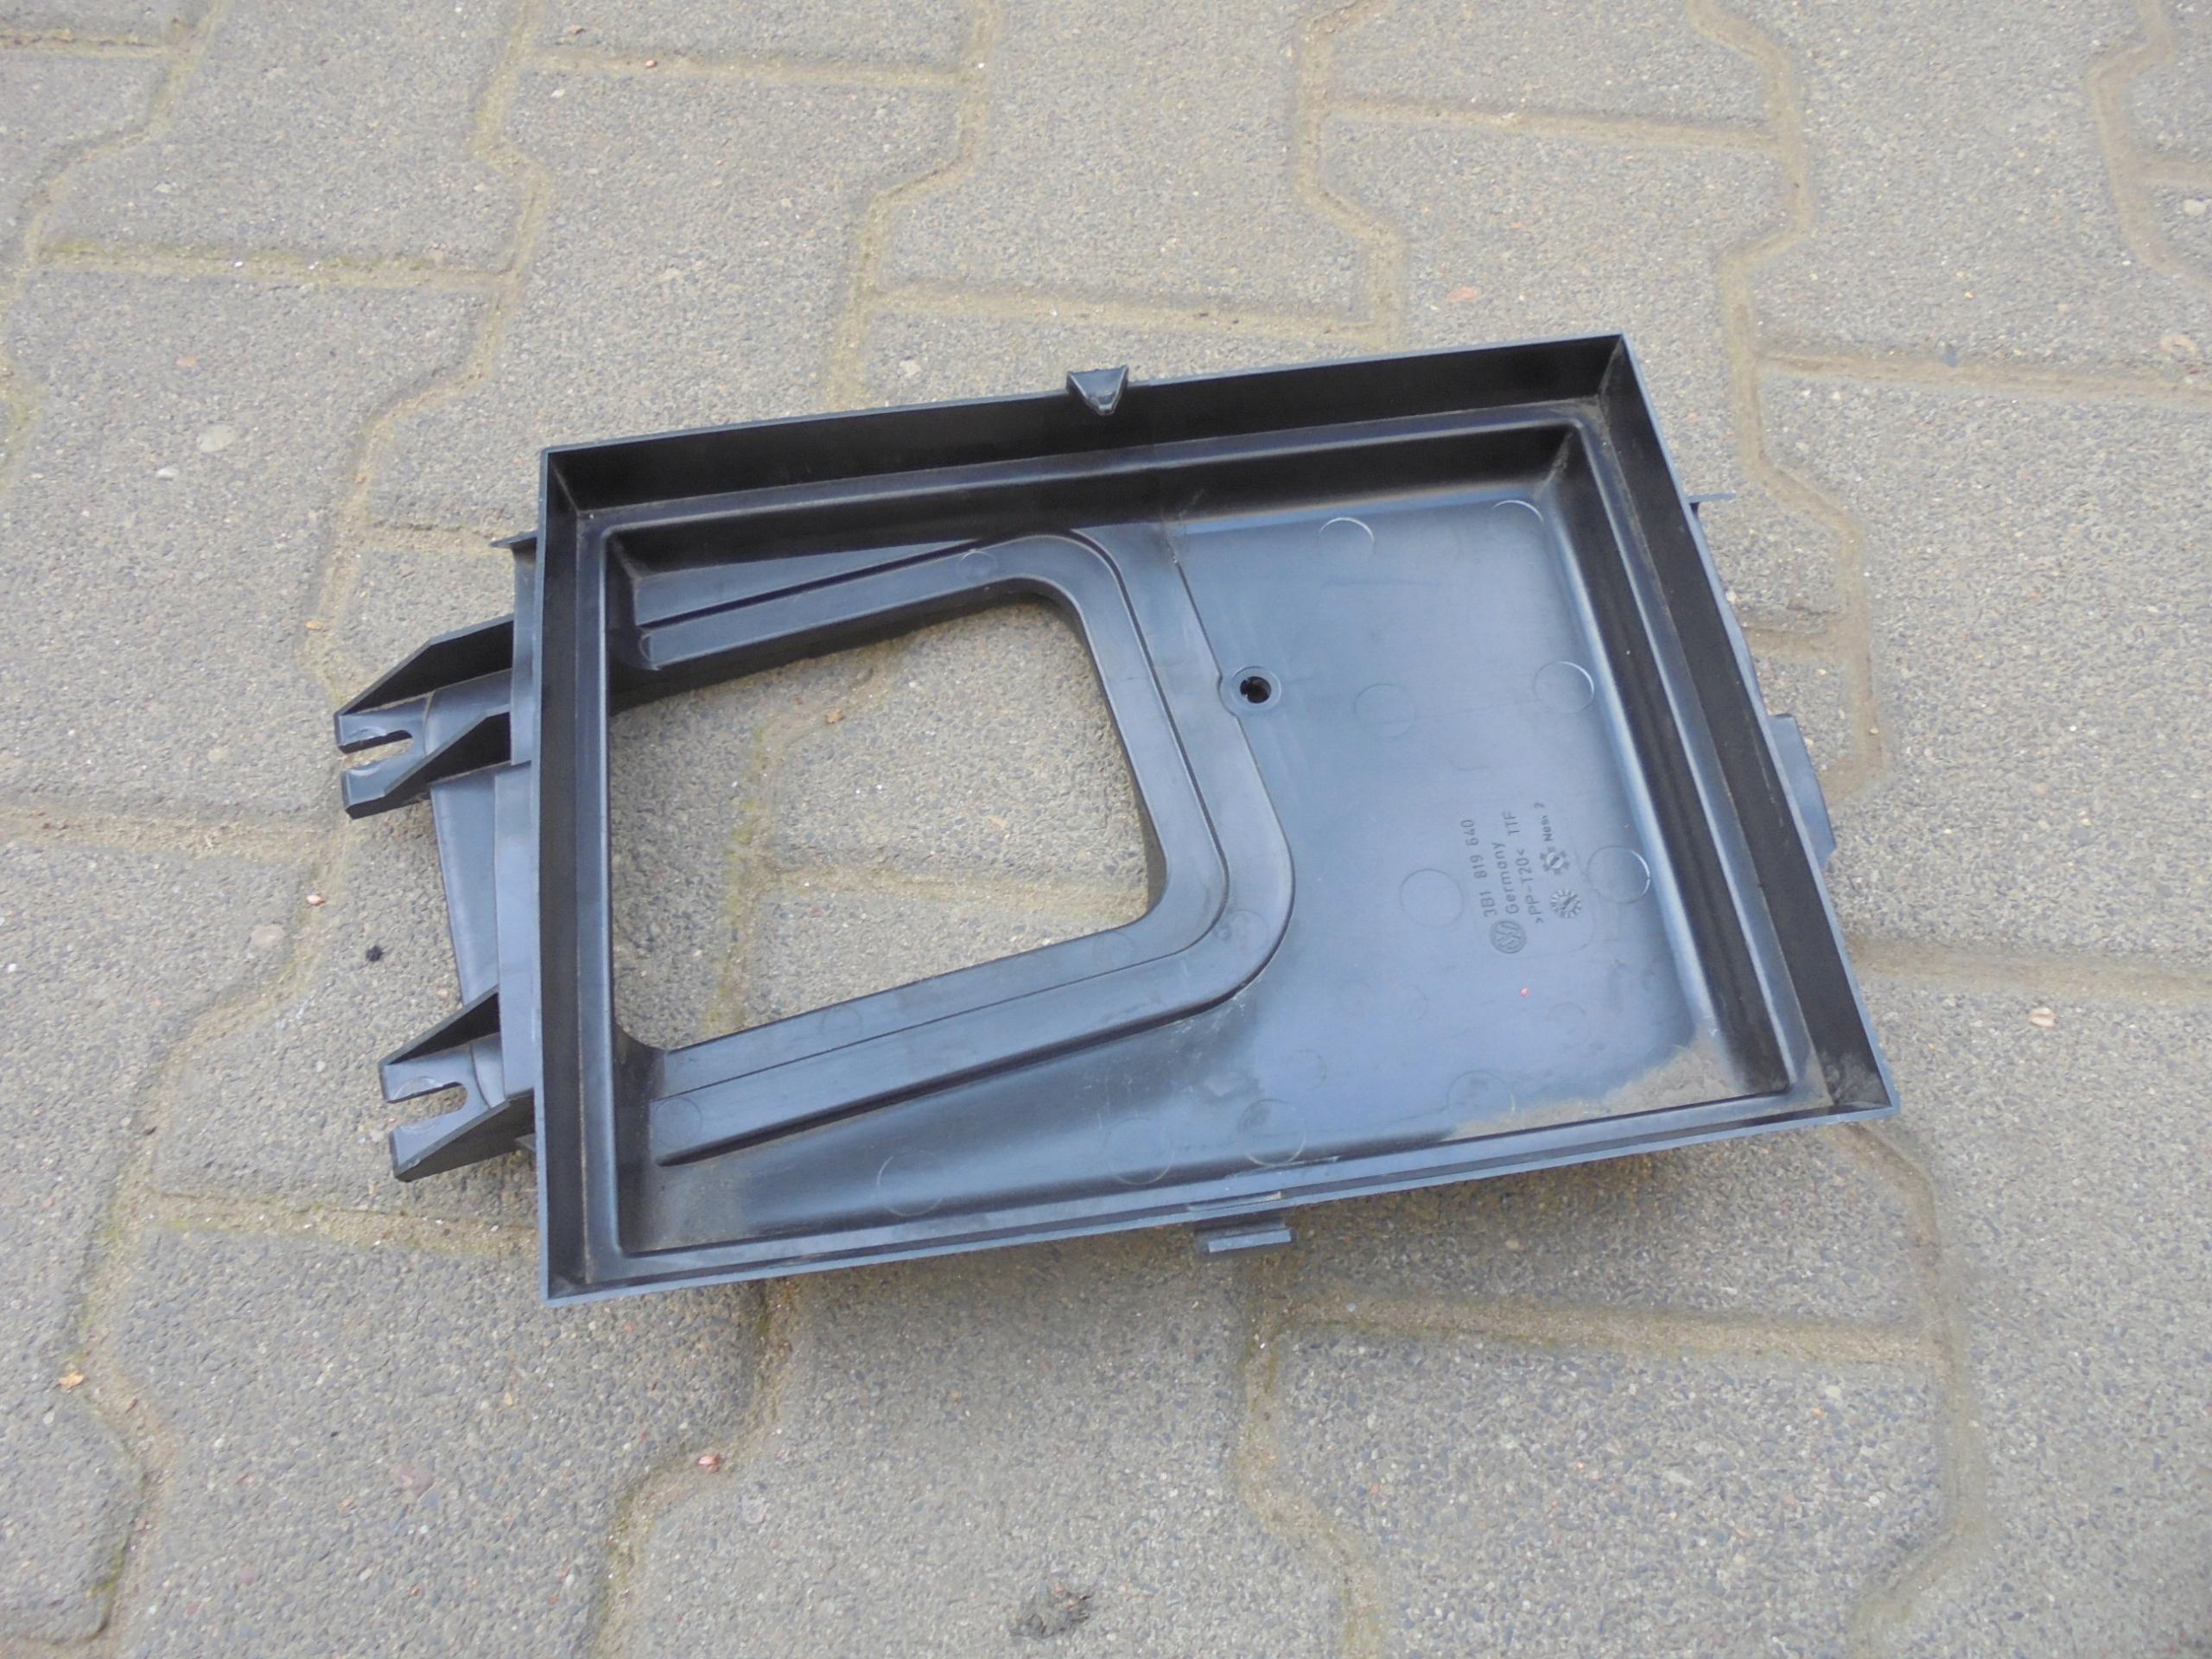 vw passat b5 корпус фильтра пыльца салонного